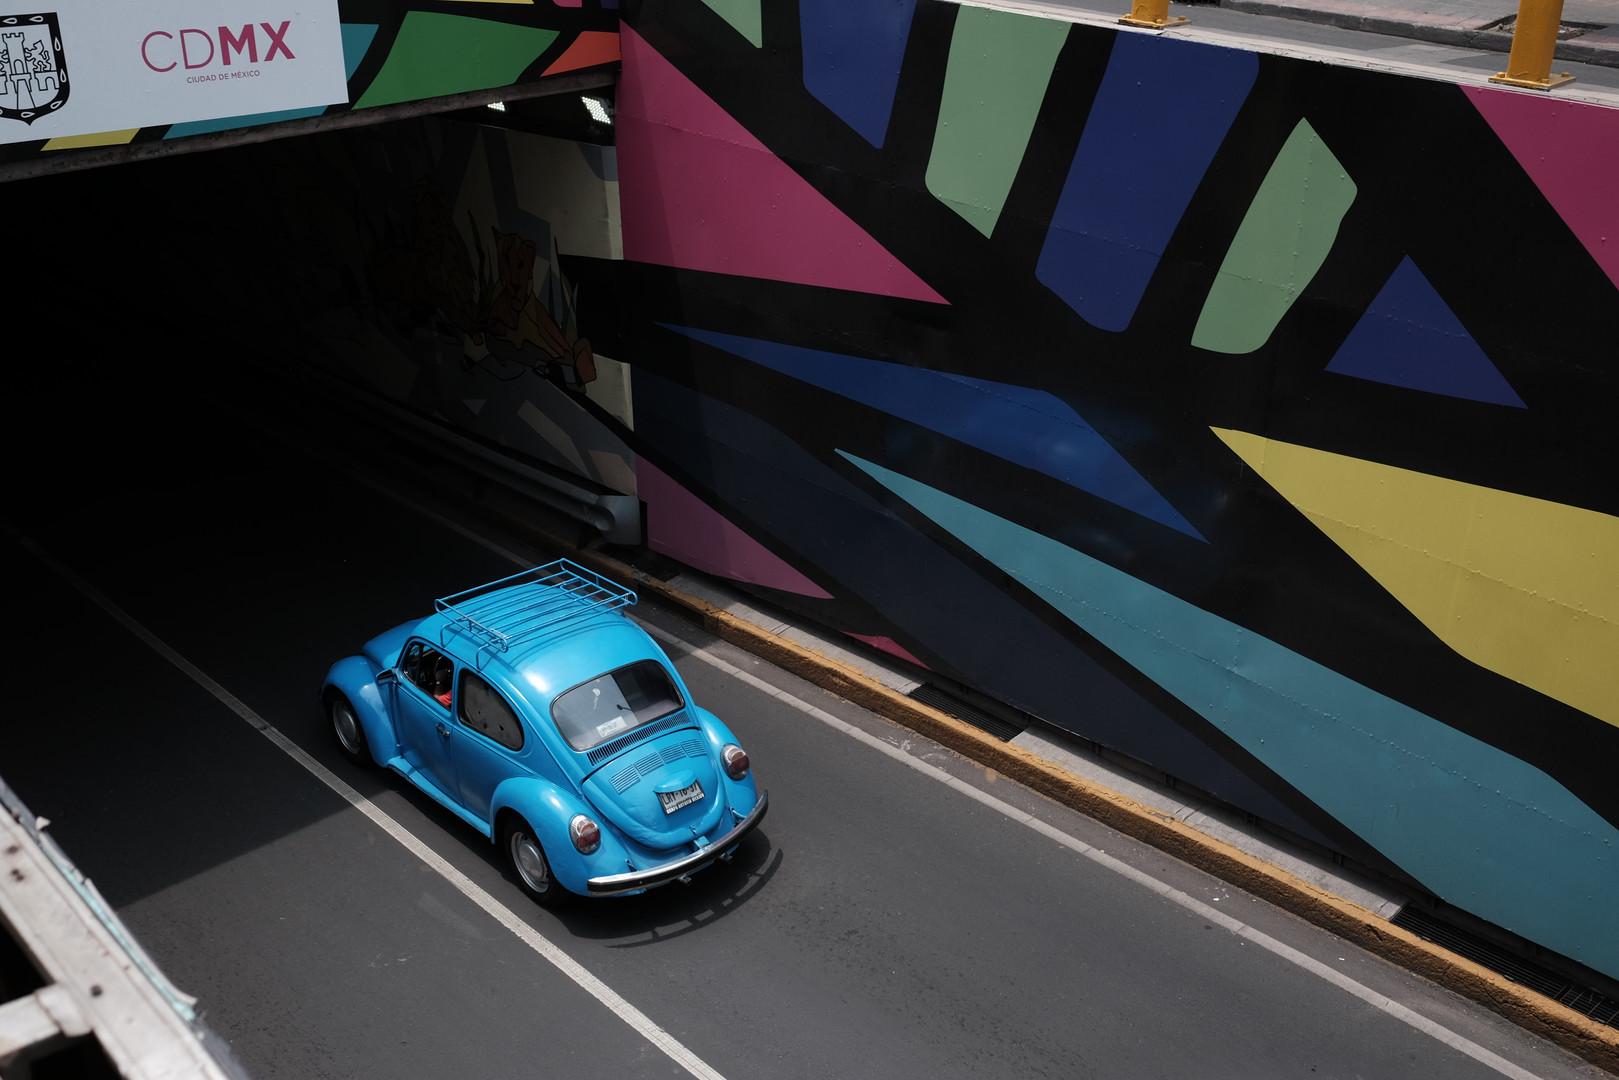 Tunel Vocho | CDMX